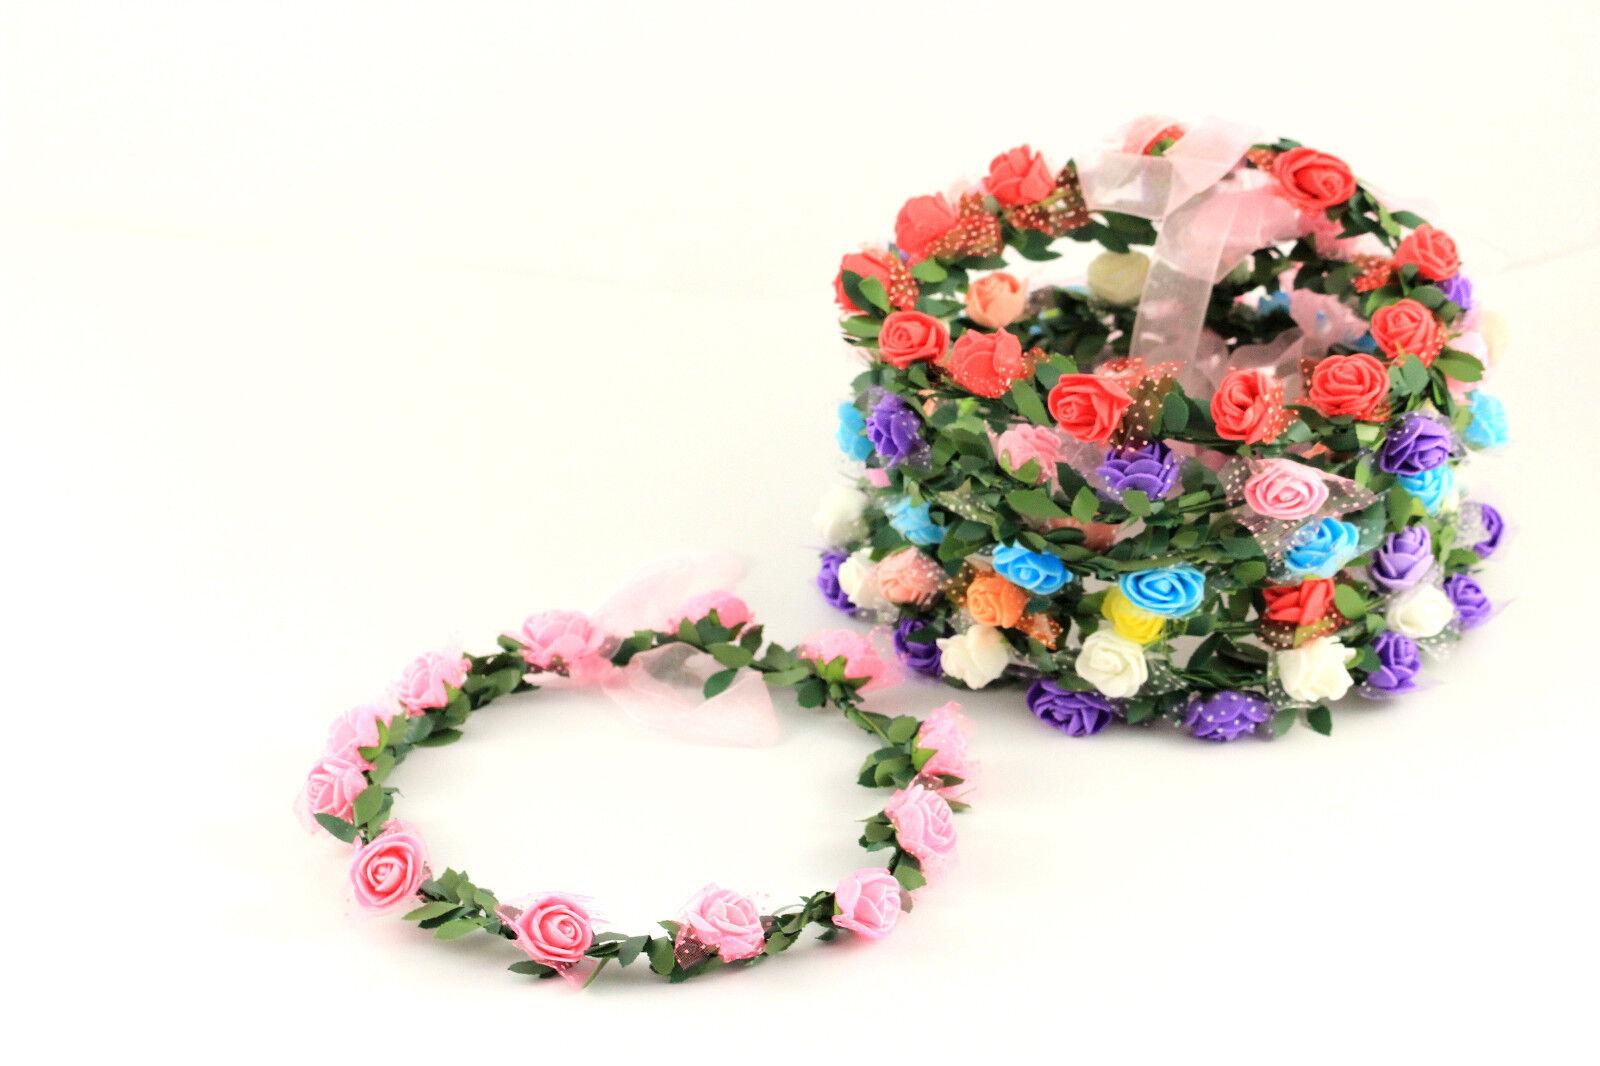 Haarband Stirnband Kranz Blumen Rose Festival Party Hochzeit Haarschmuck A190